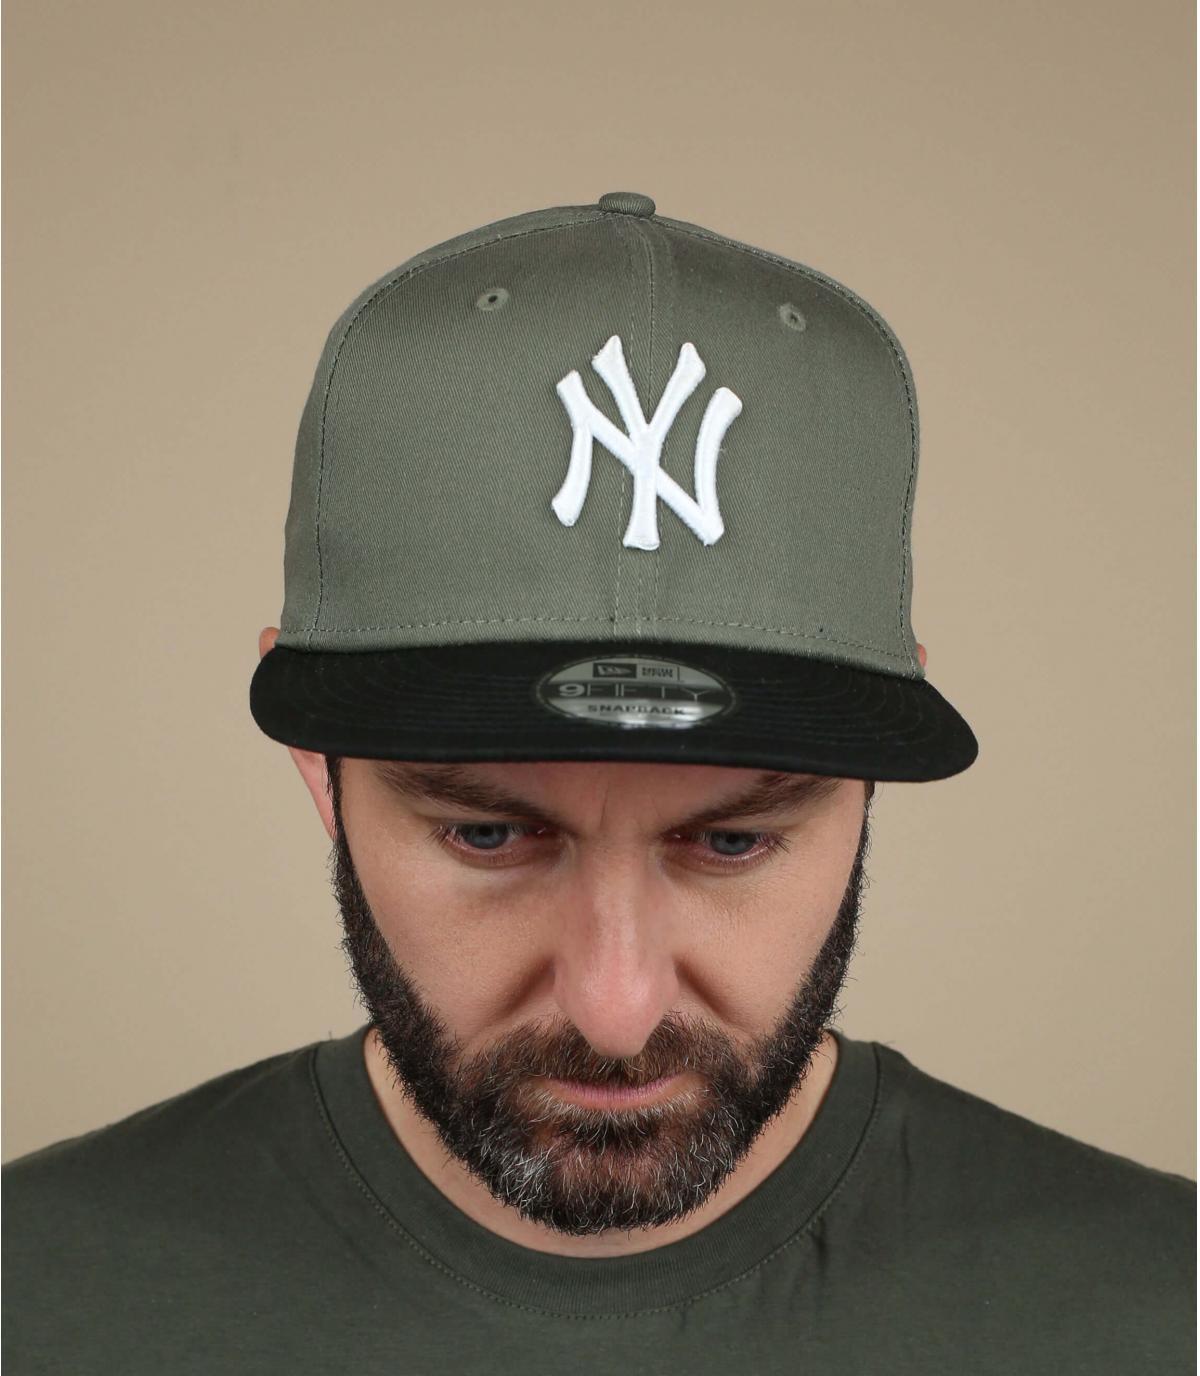 NY snapback green